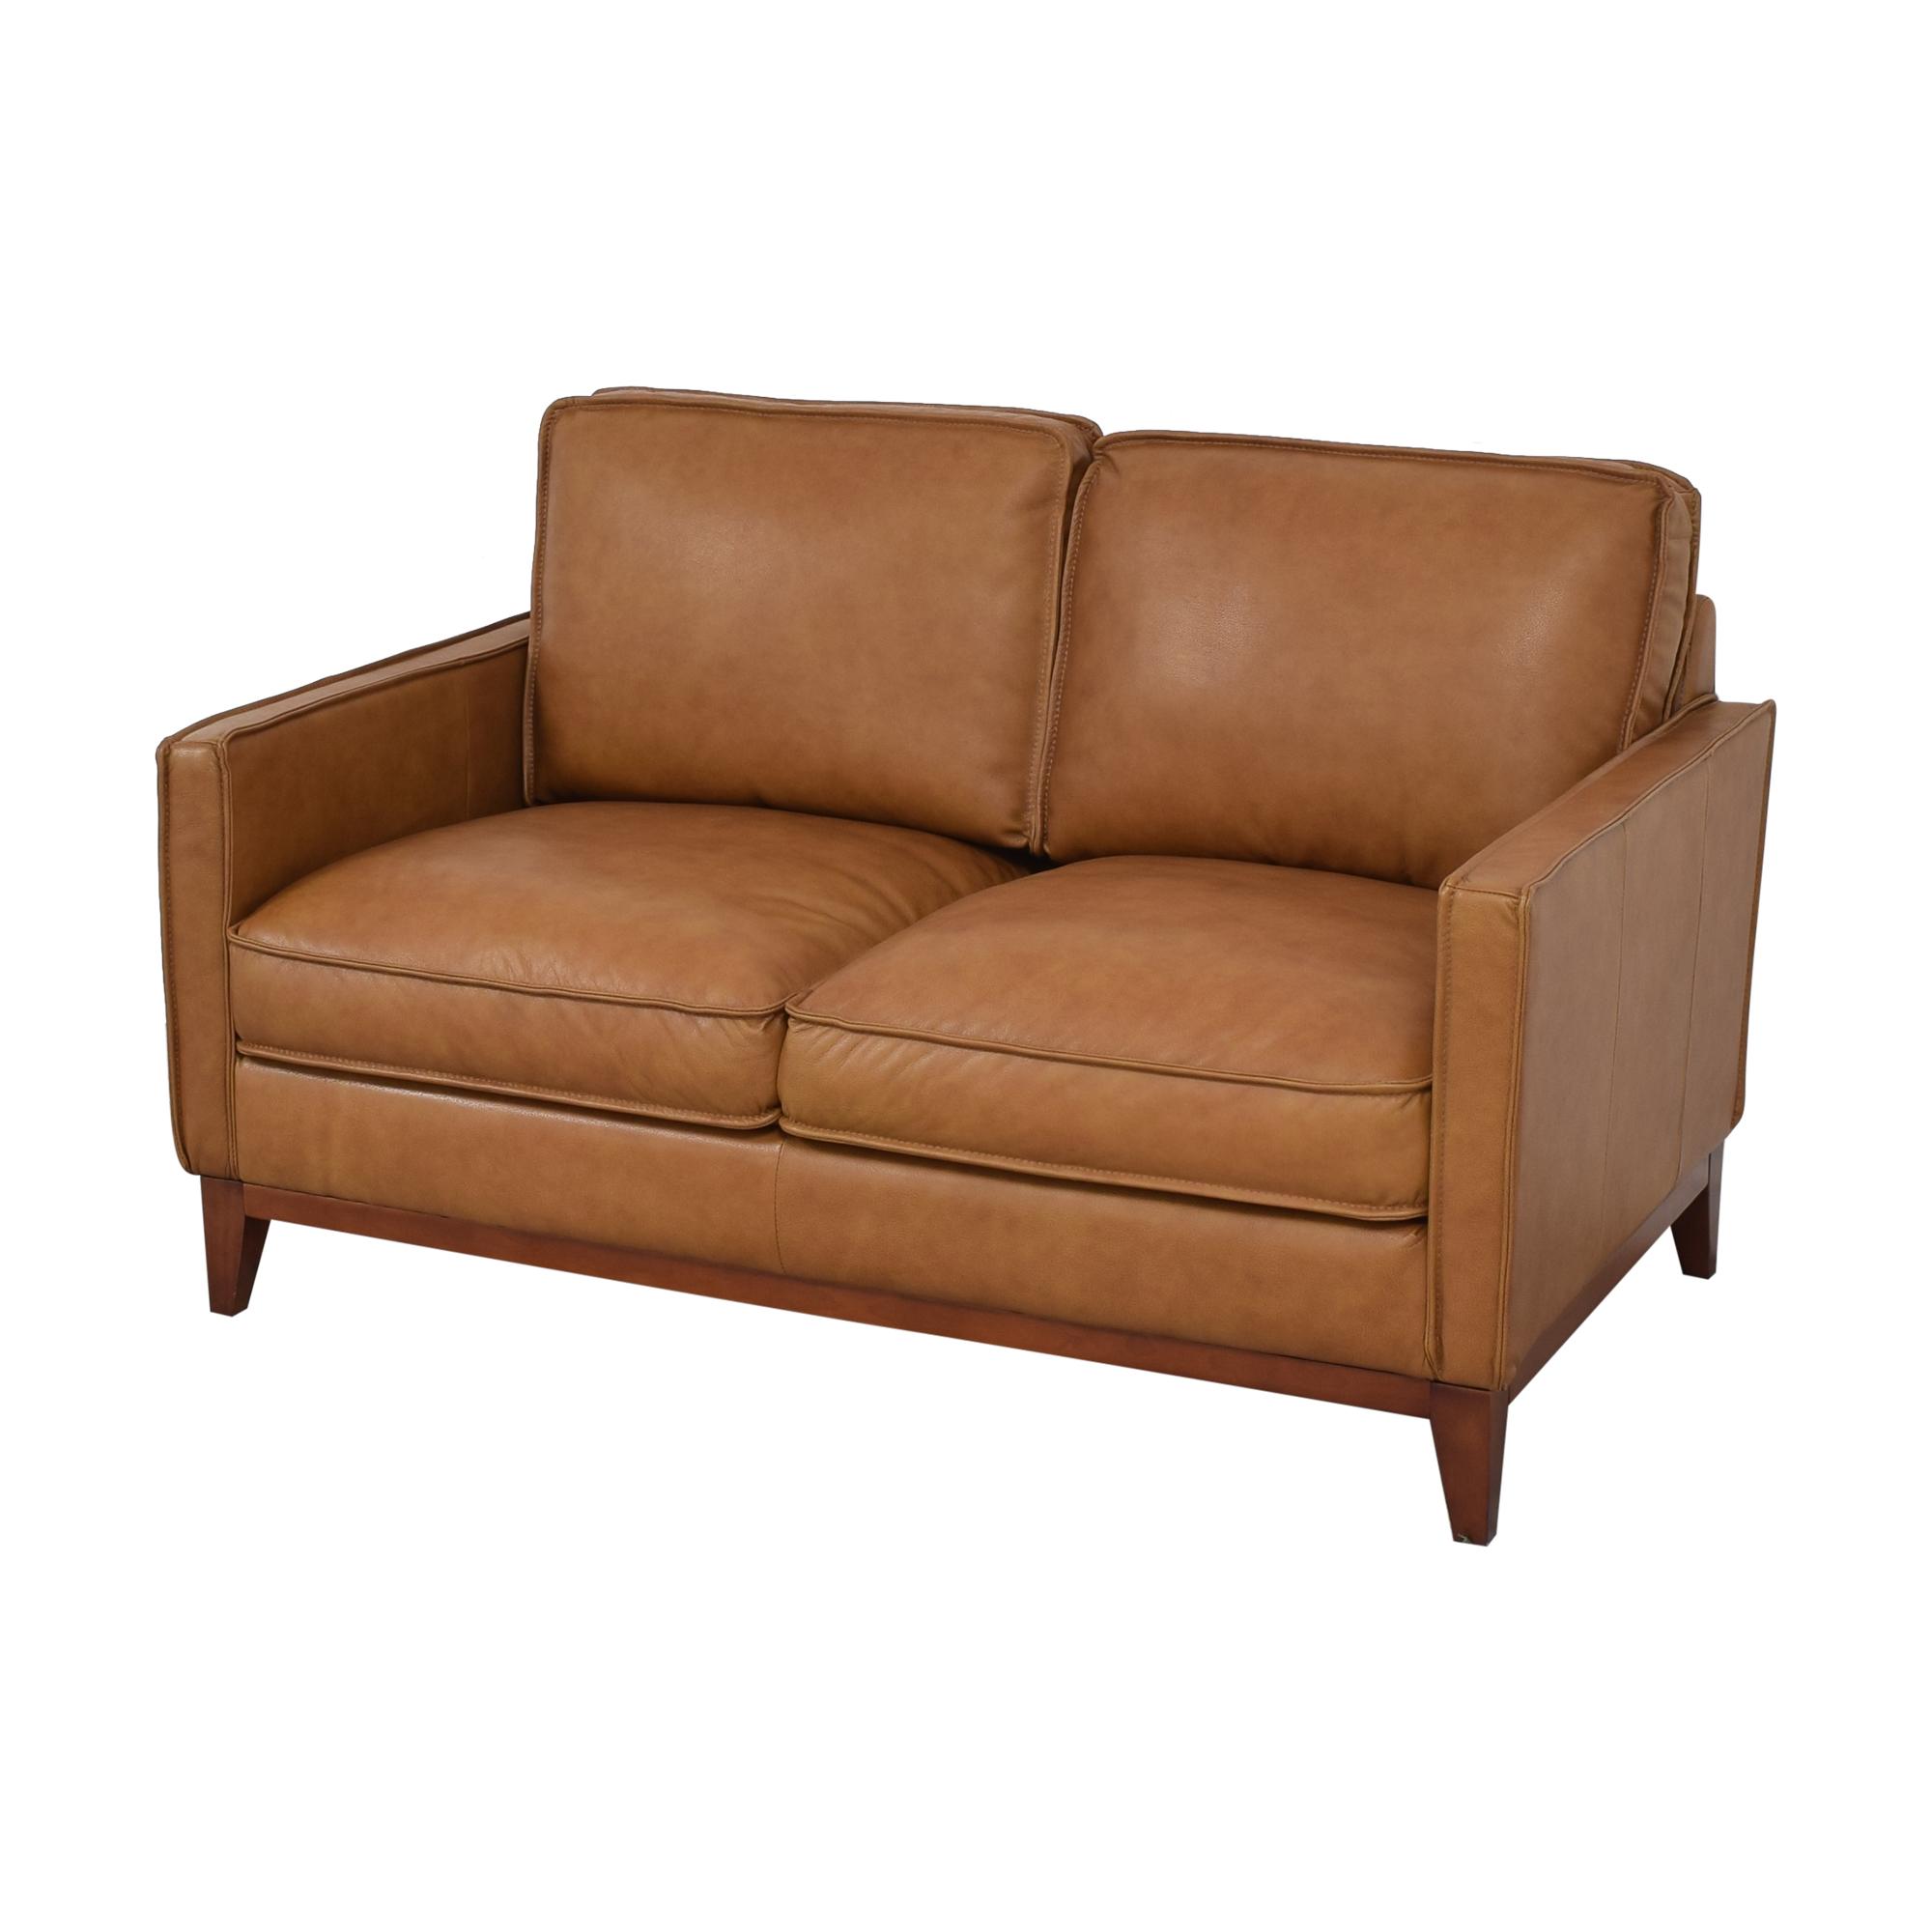 Leather Italia Leather Italia Newport Loveseat nj